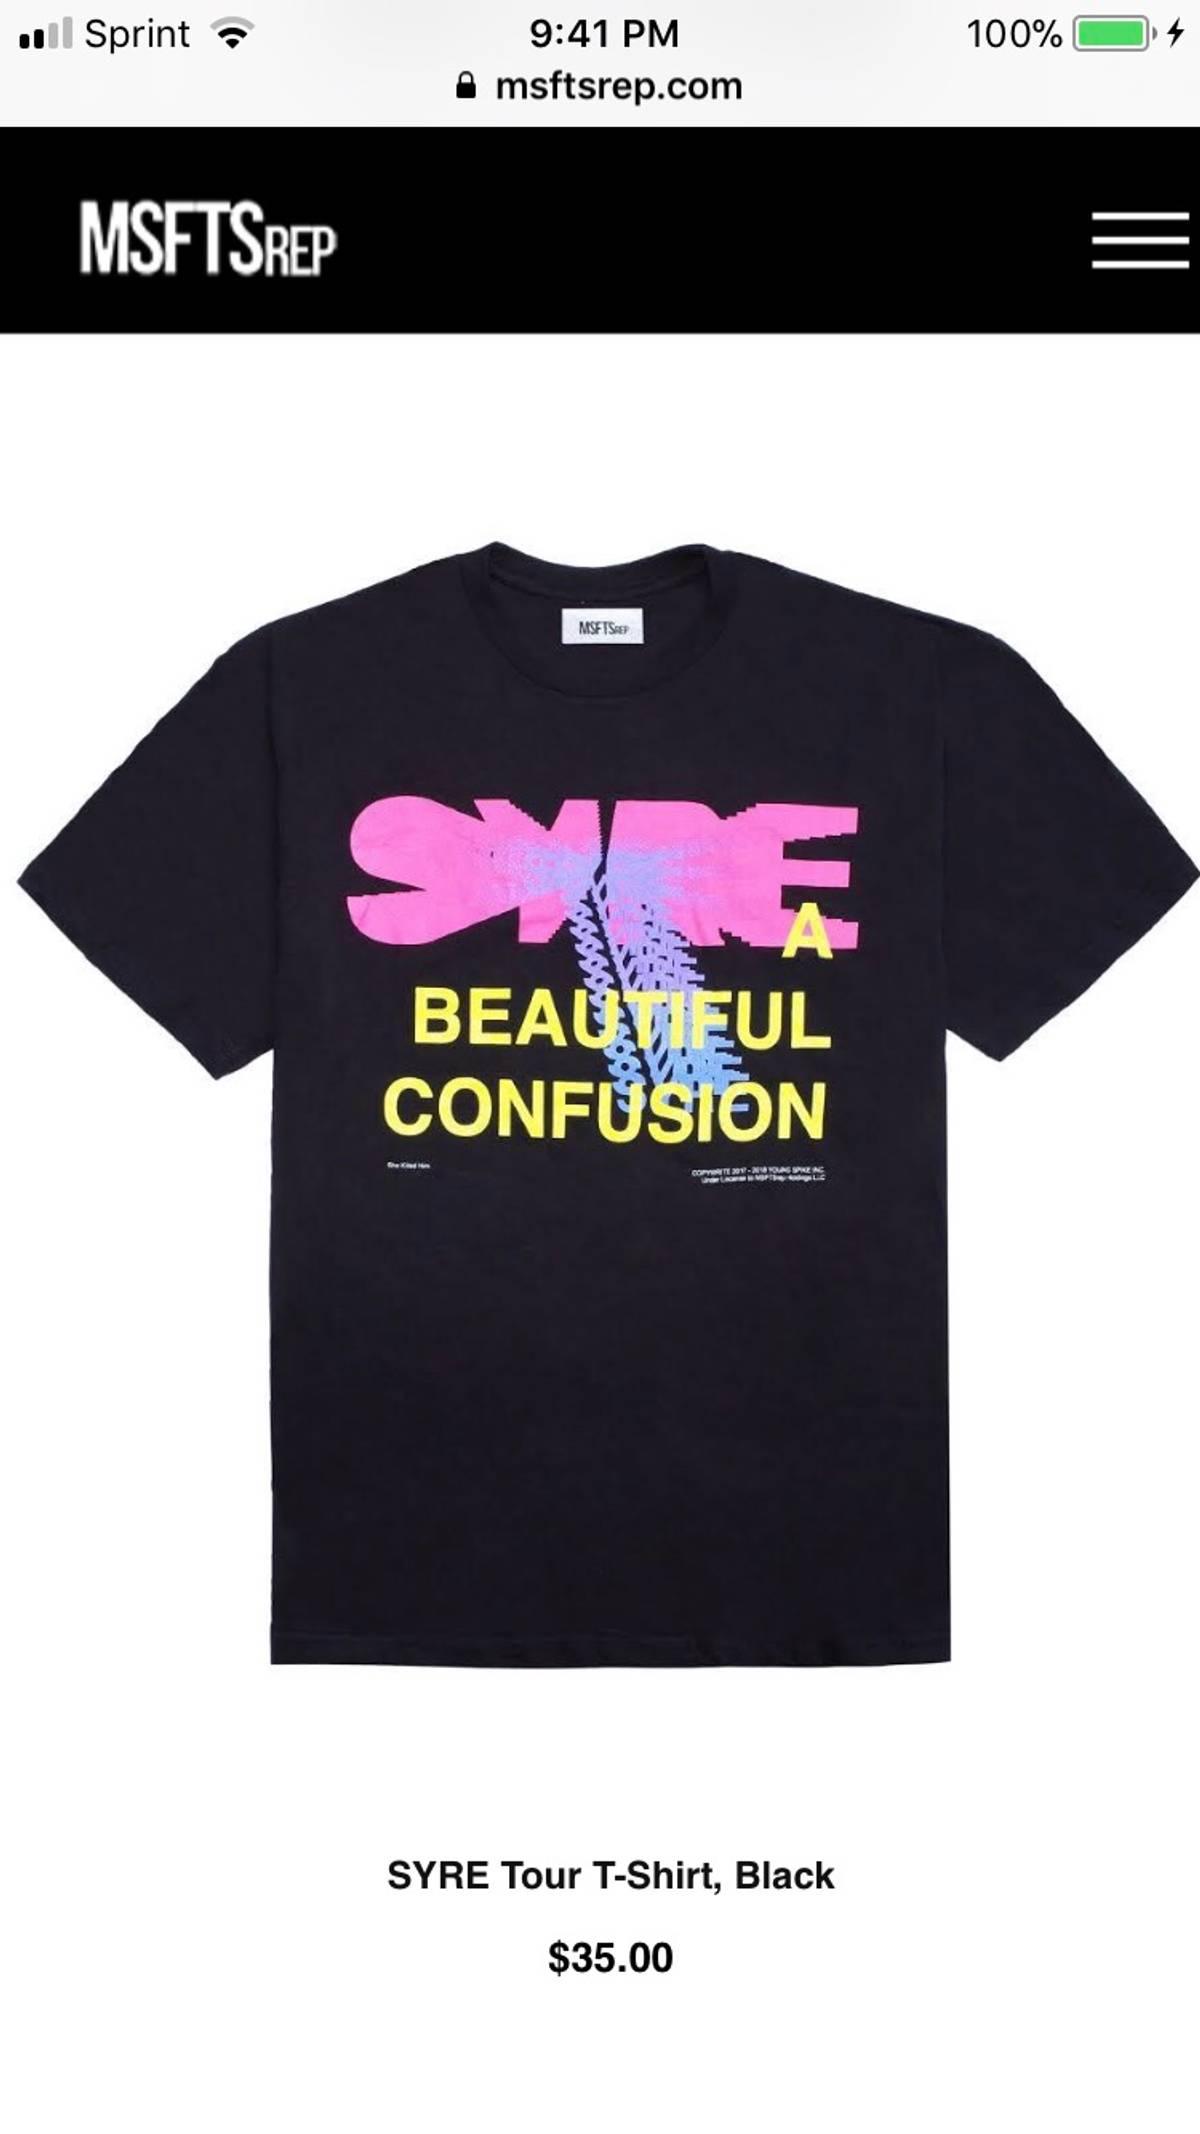 Msftsrep Msftsrep Syre Tour T-shirt, Black $35 Jaden Smith ...